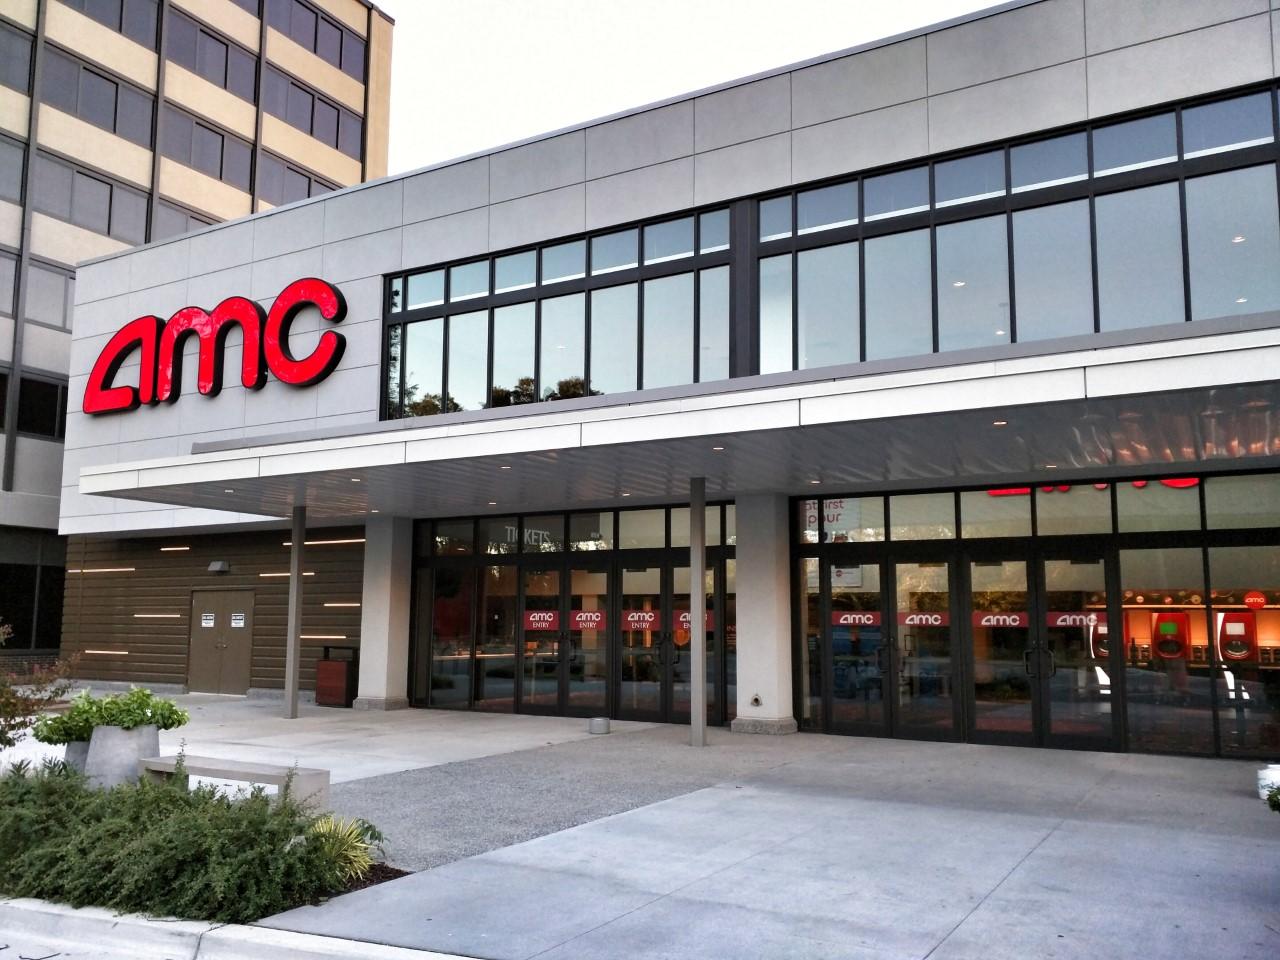 East Moco Amc Wheaton 9 Cineplex Opens At Wheaton Plaza Photos